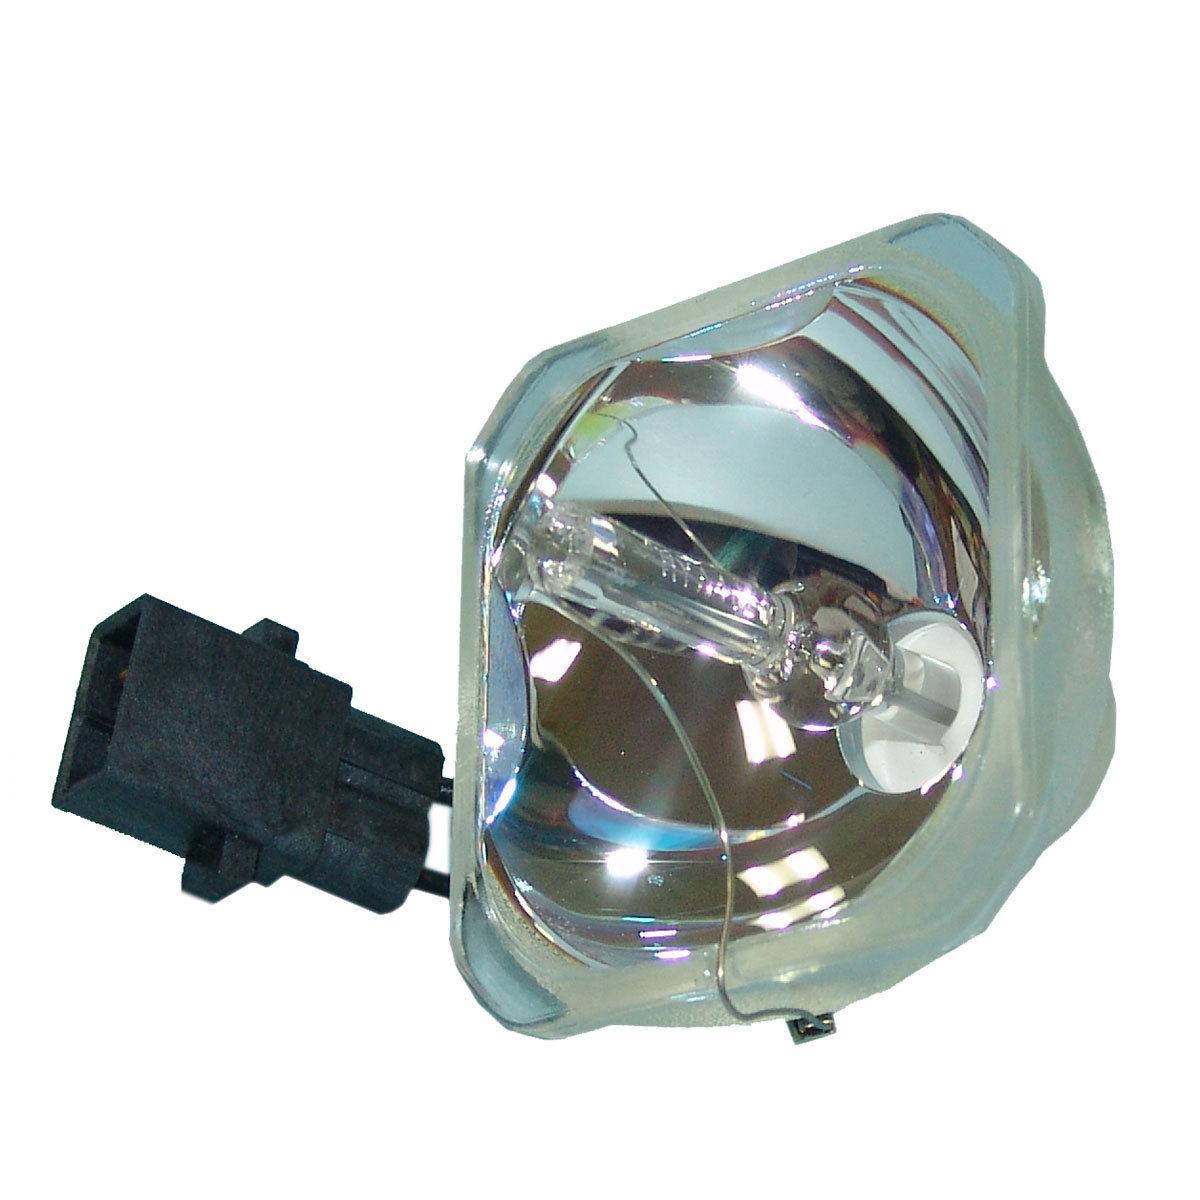 Osram Bare Lamp  ELPLP50 / V13H010L50 For Epson EB84/EB-824/EB-824H/EB-825/EB-825H/EB-84e/EB-84H   Projector DLP LCD Bulb